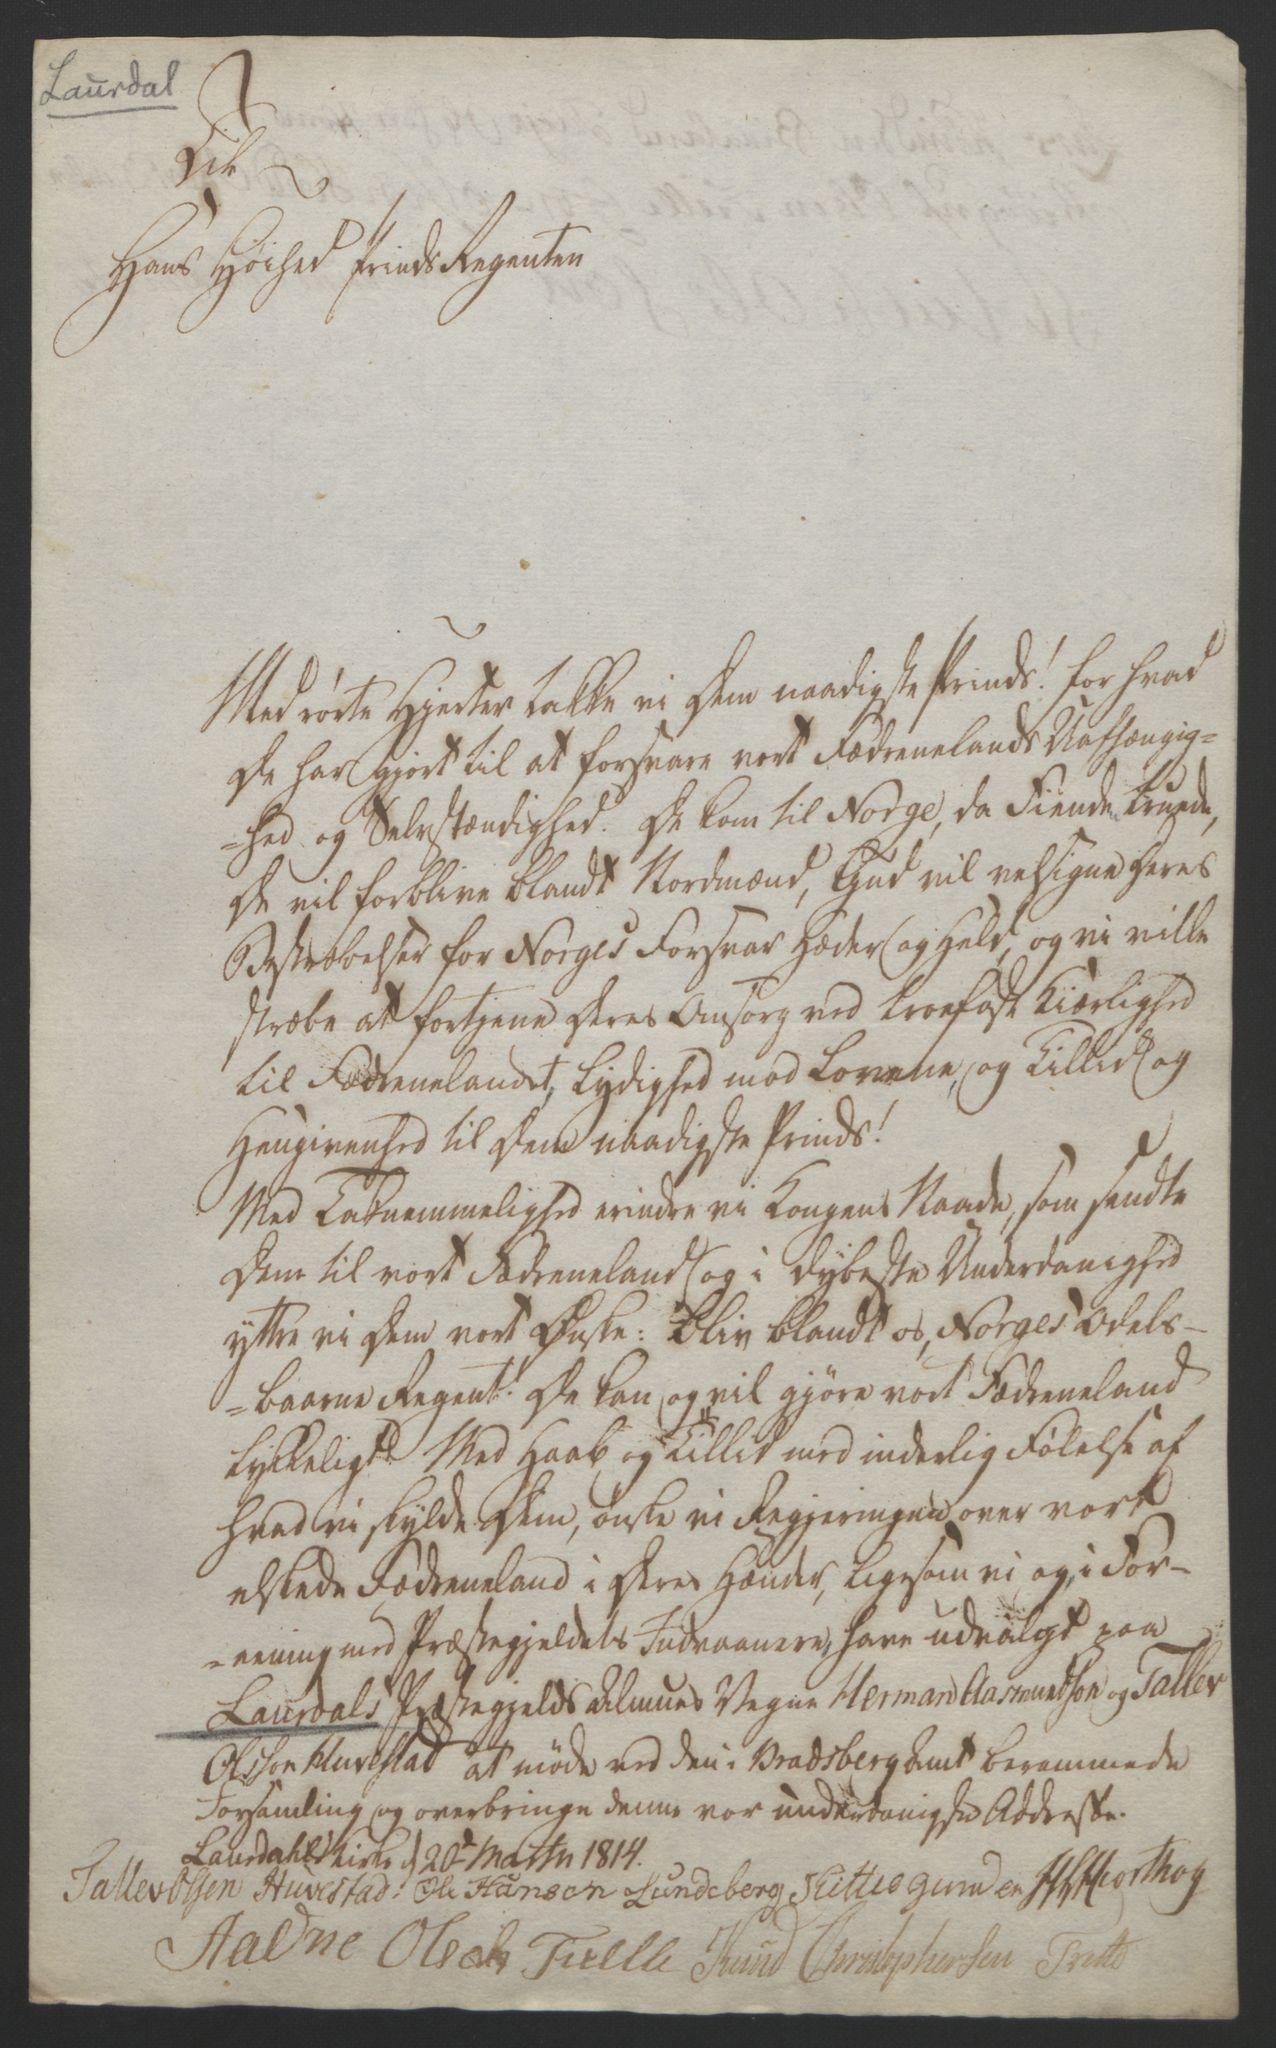 RA, Statsrådssekretariatet, D/Db/L0008: Fullmakter for Eidsvollsrepresentantene i 1814. , 1814, s. 57